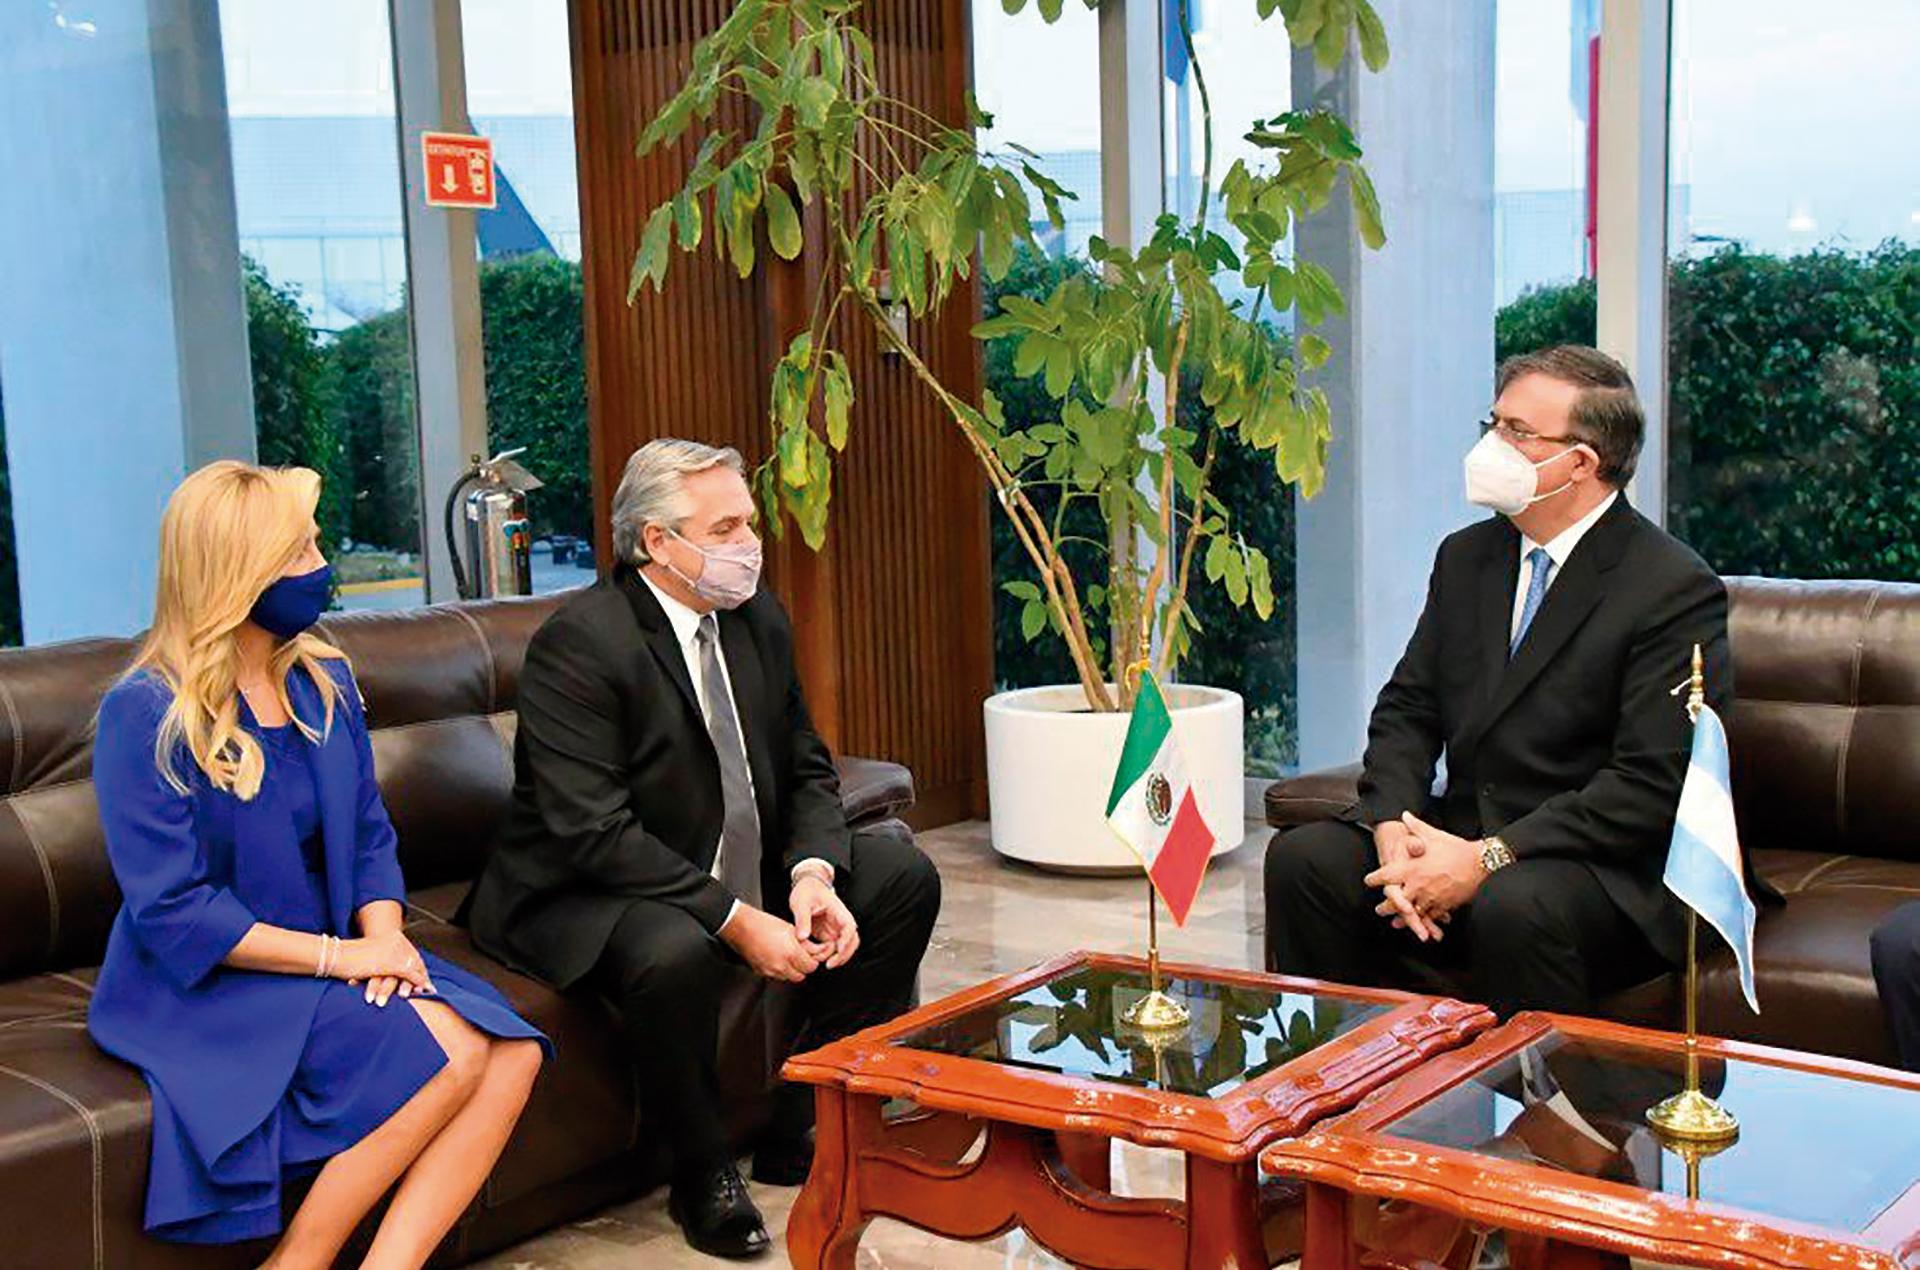 El Presidente de Argentina visitó México-image1